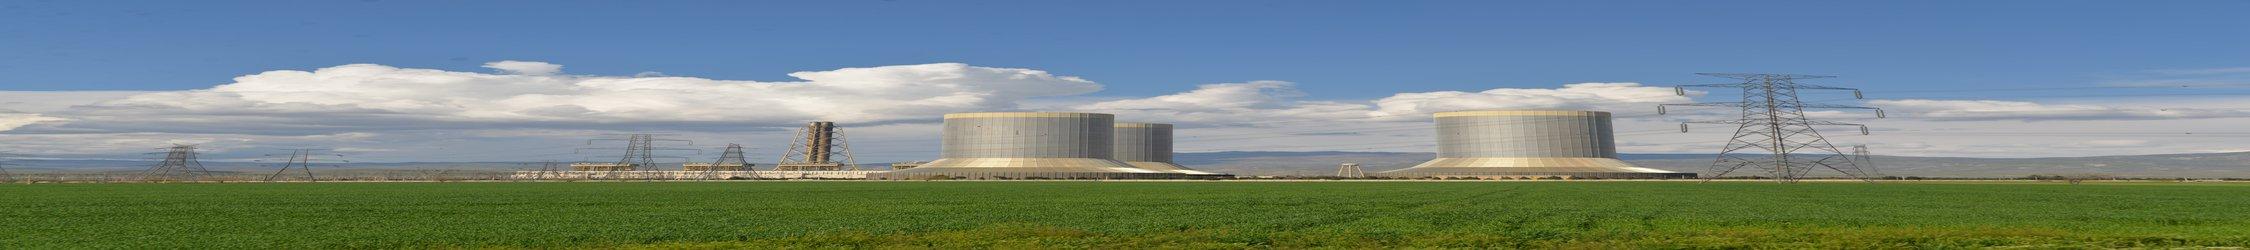 واحد شماره یک بخار نیروگاه شهید رجایی به مدار تولید بازگشت